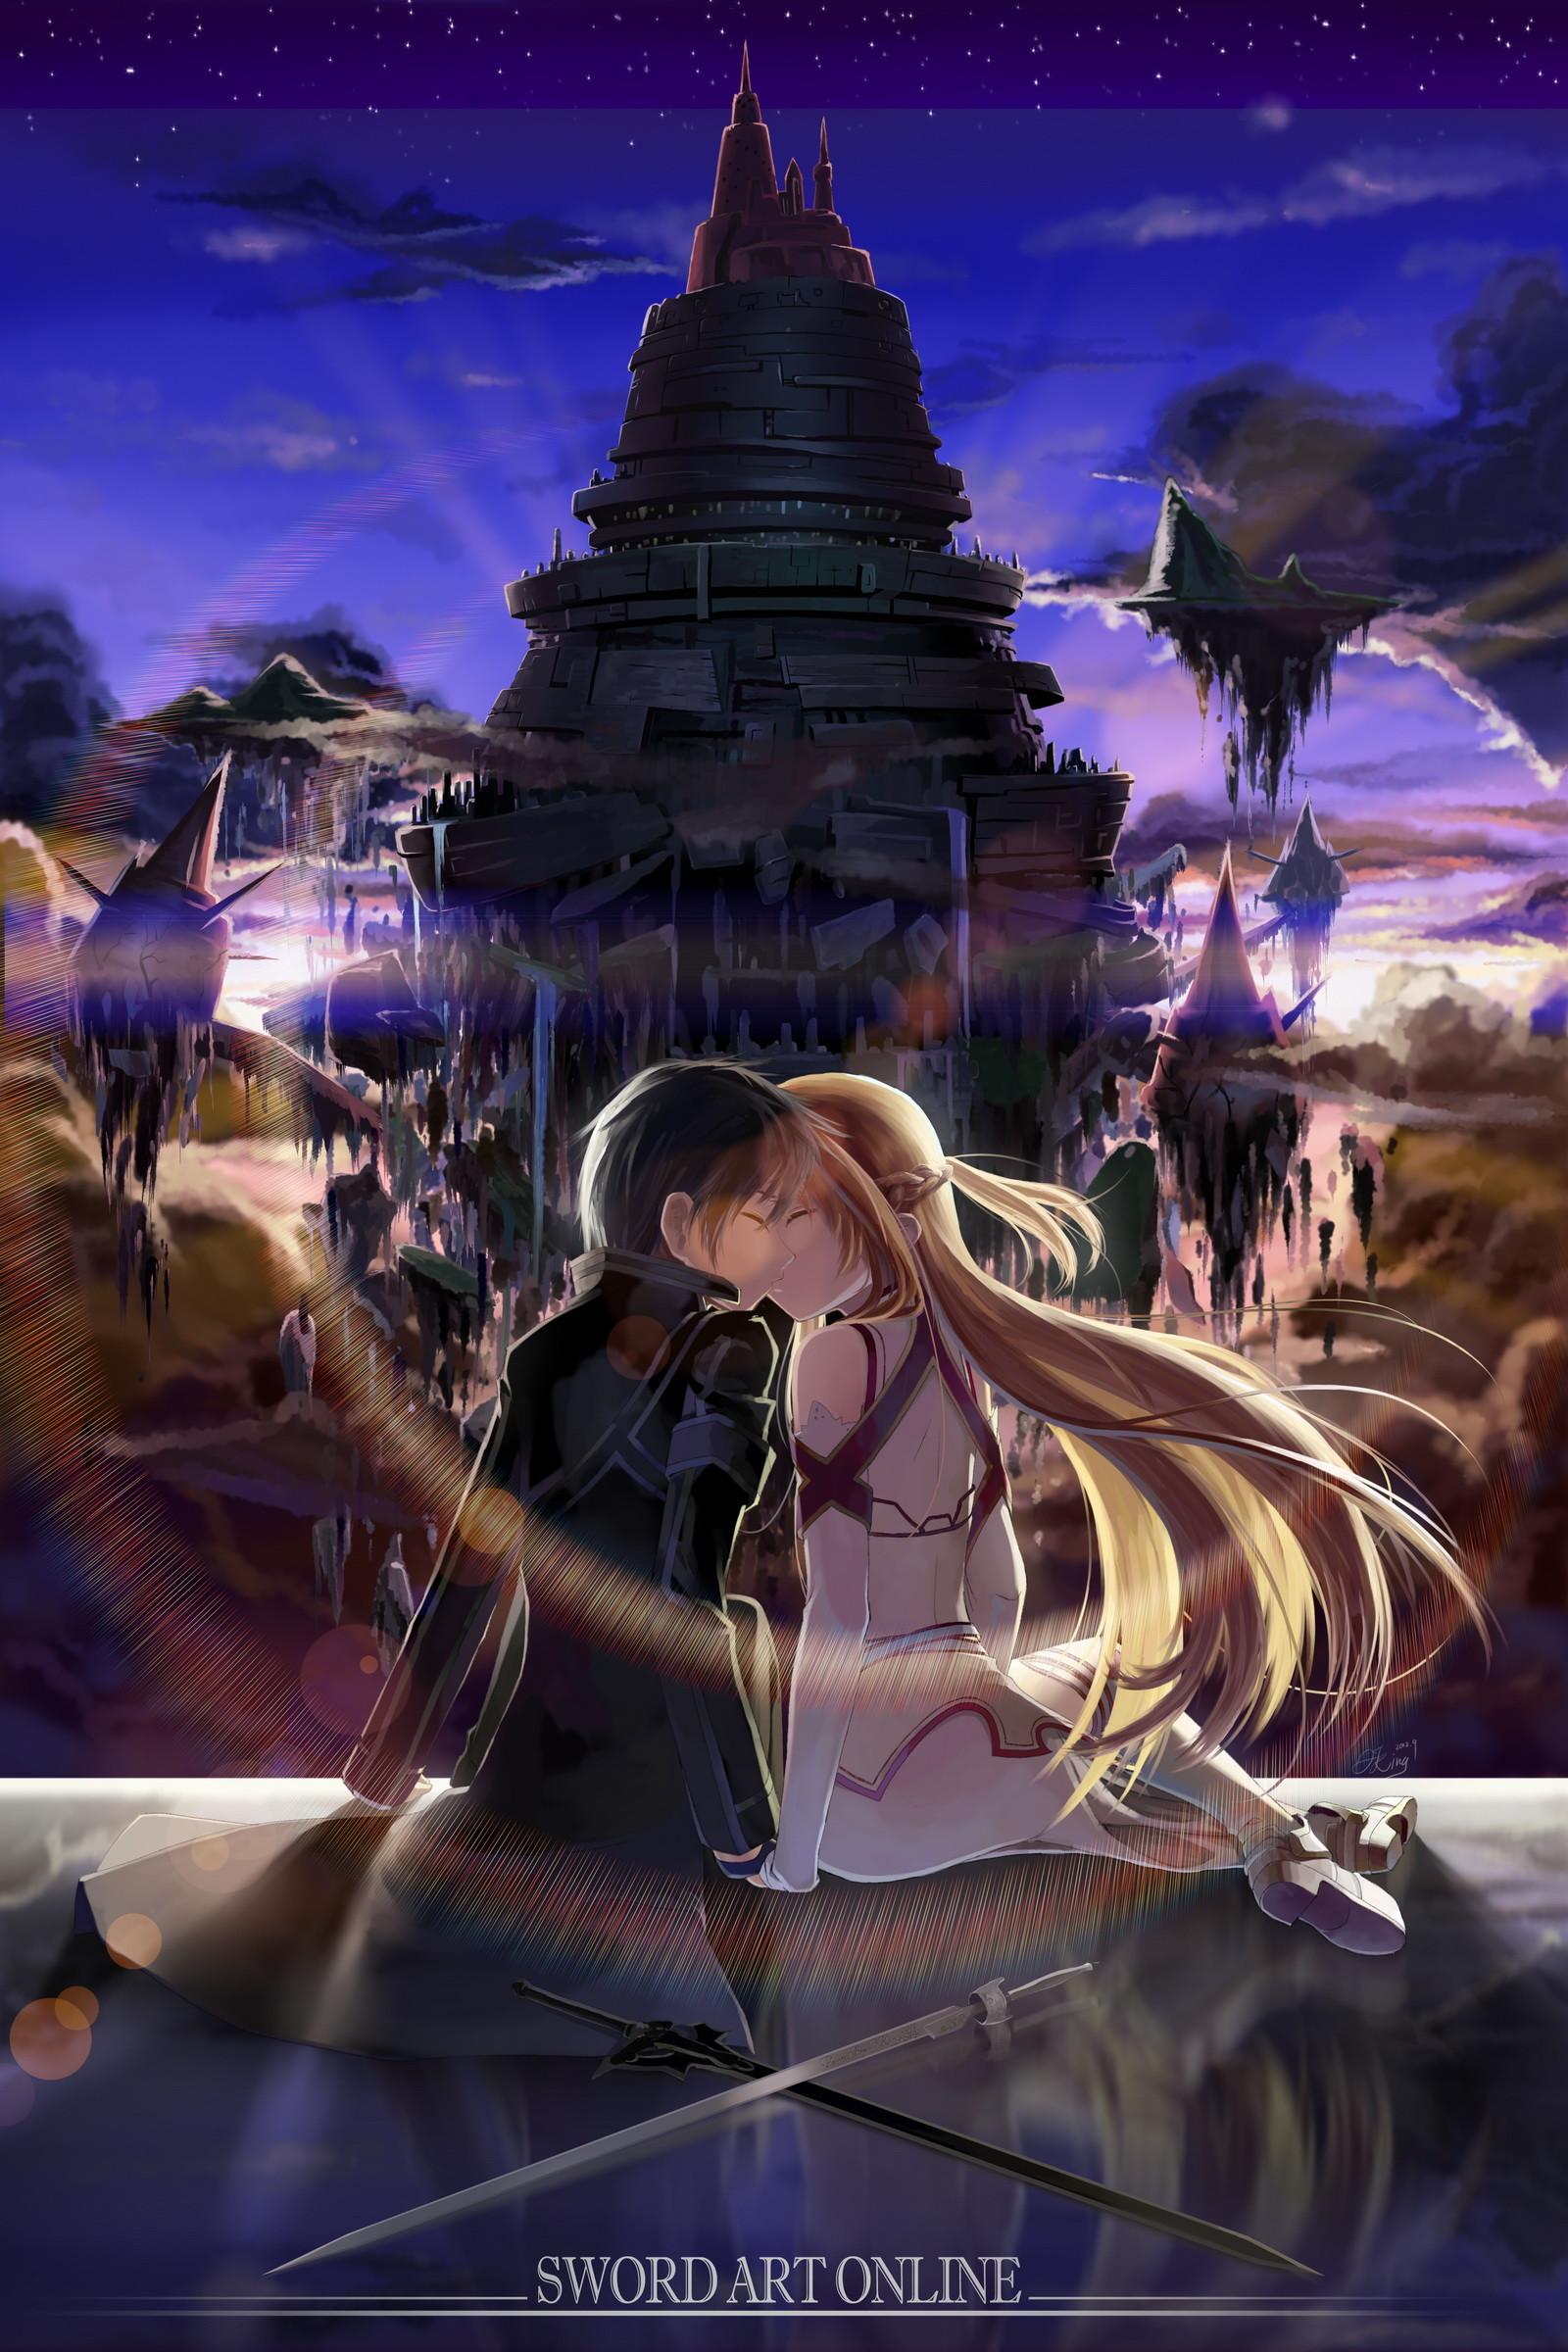 Sword Art Online Wallpaper 81 Images